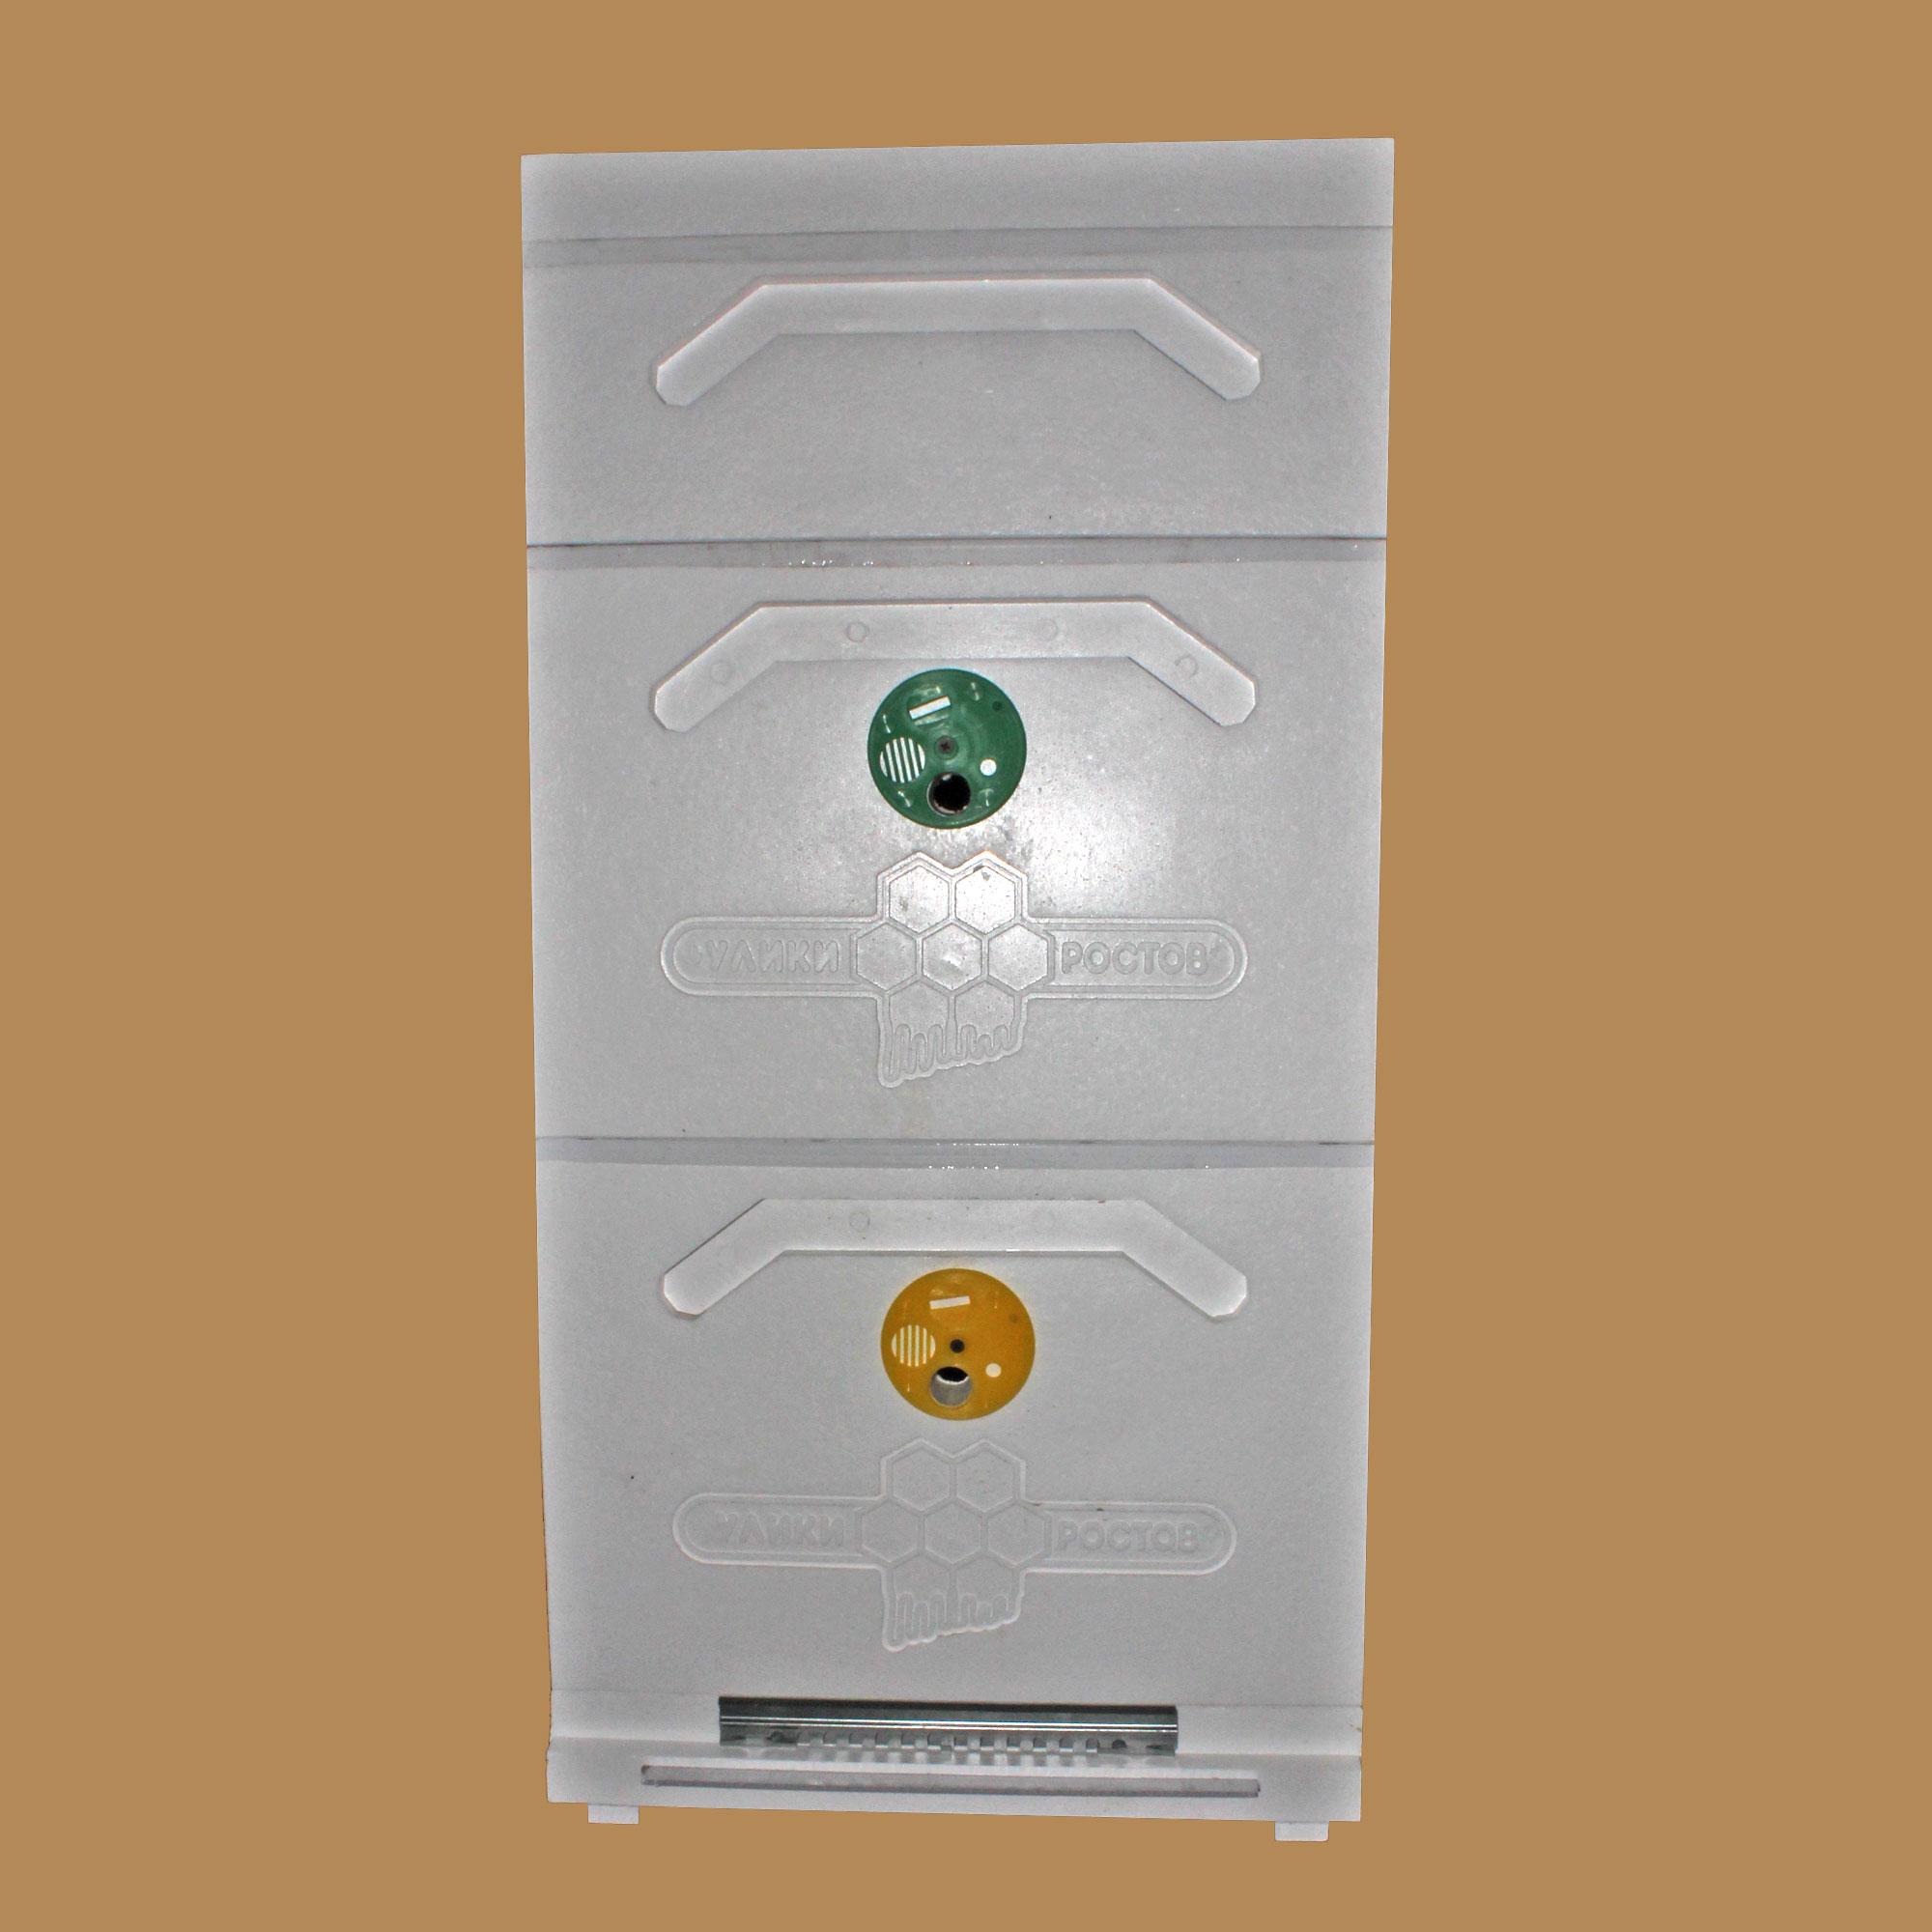 Улей Дадана 2-корпусный с 1 магазином 10-рамочный усиленный (Д2М1)